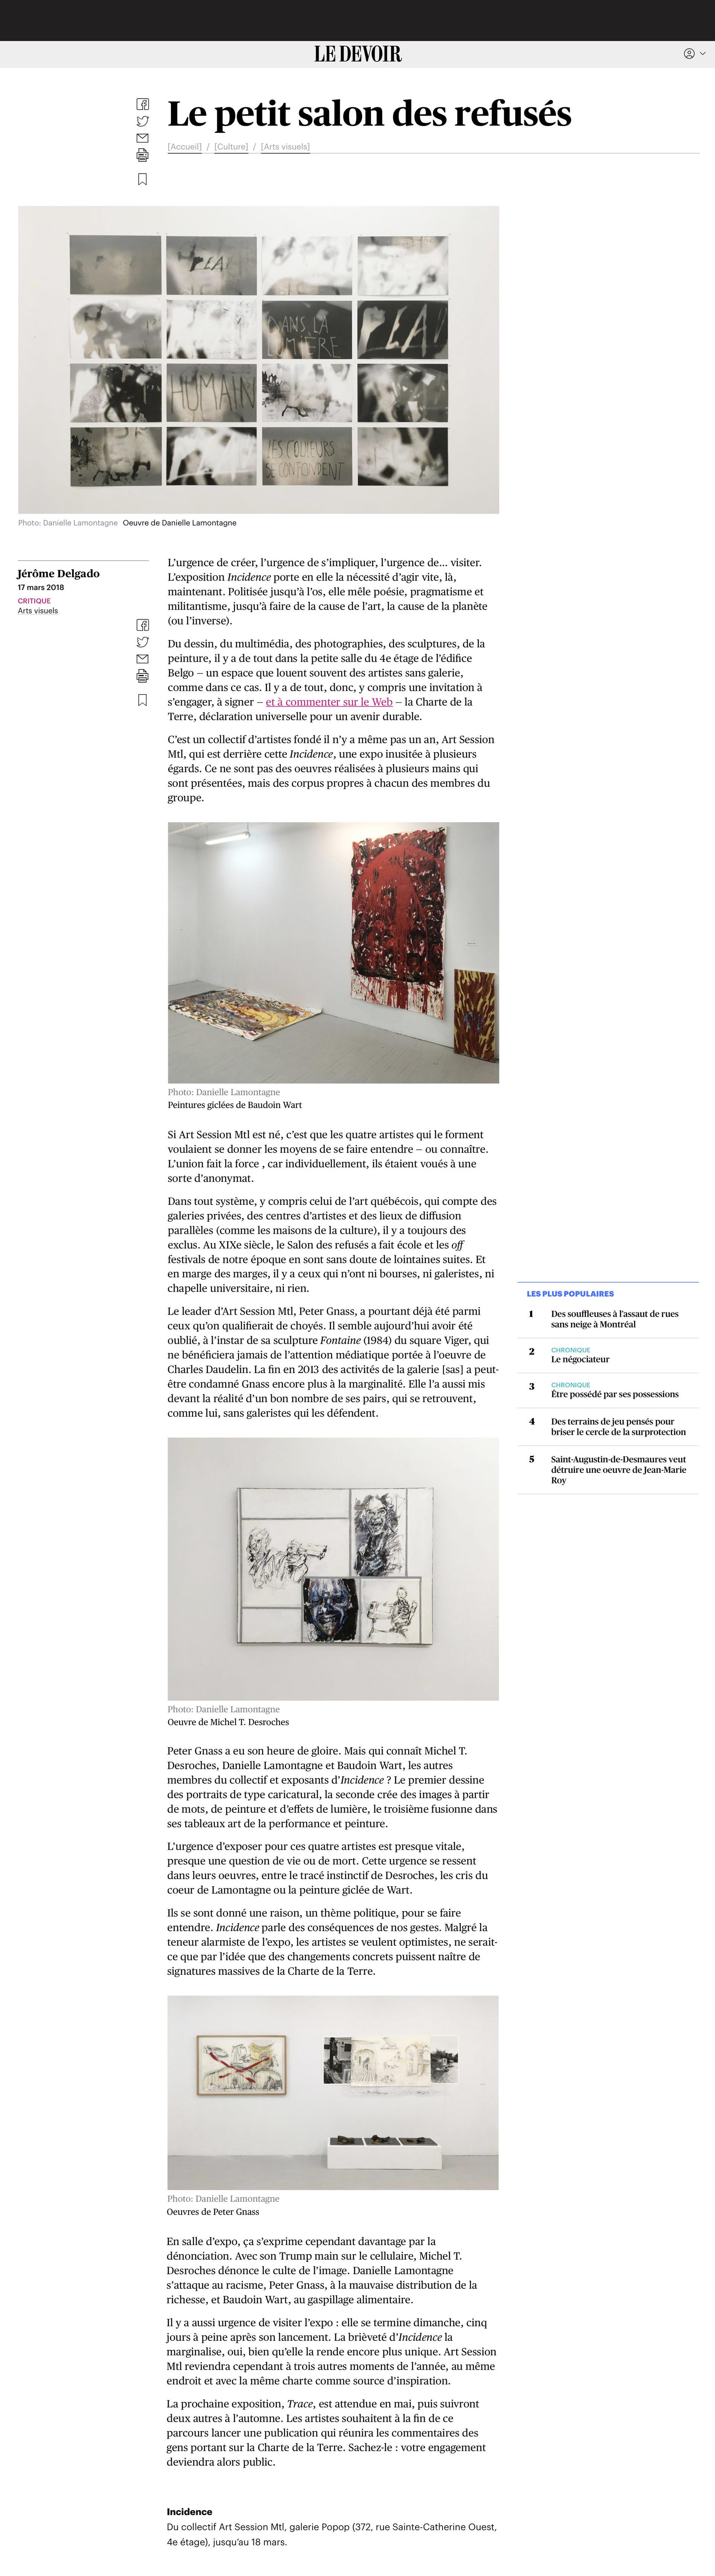 Article_LeDevoir_crop2.jpg